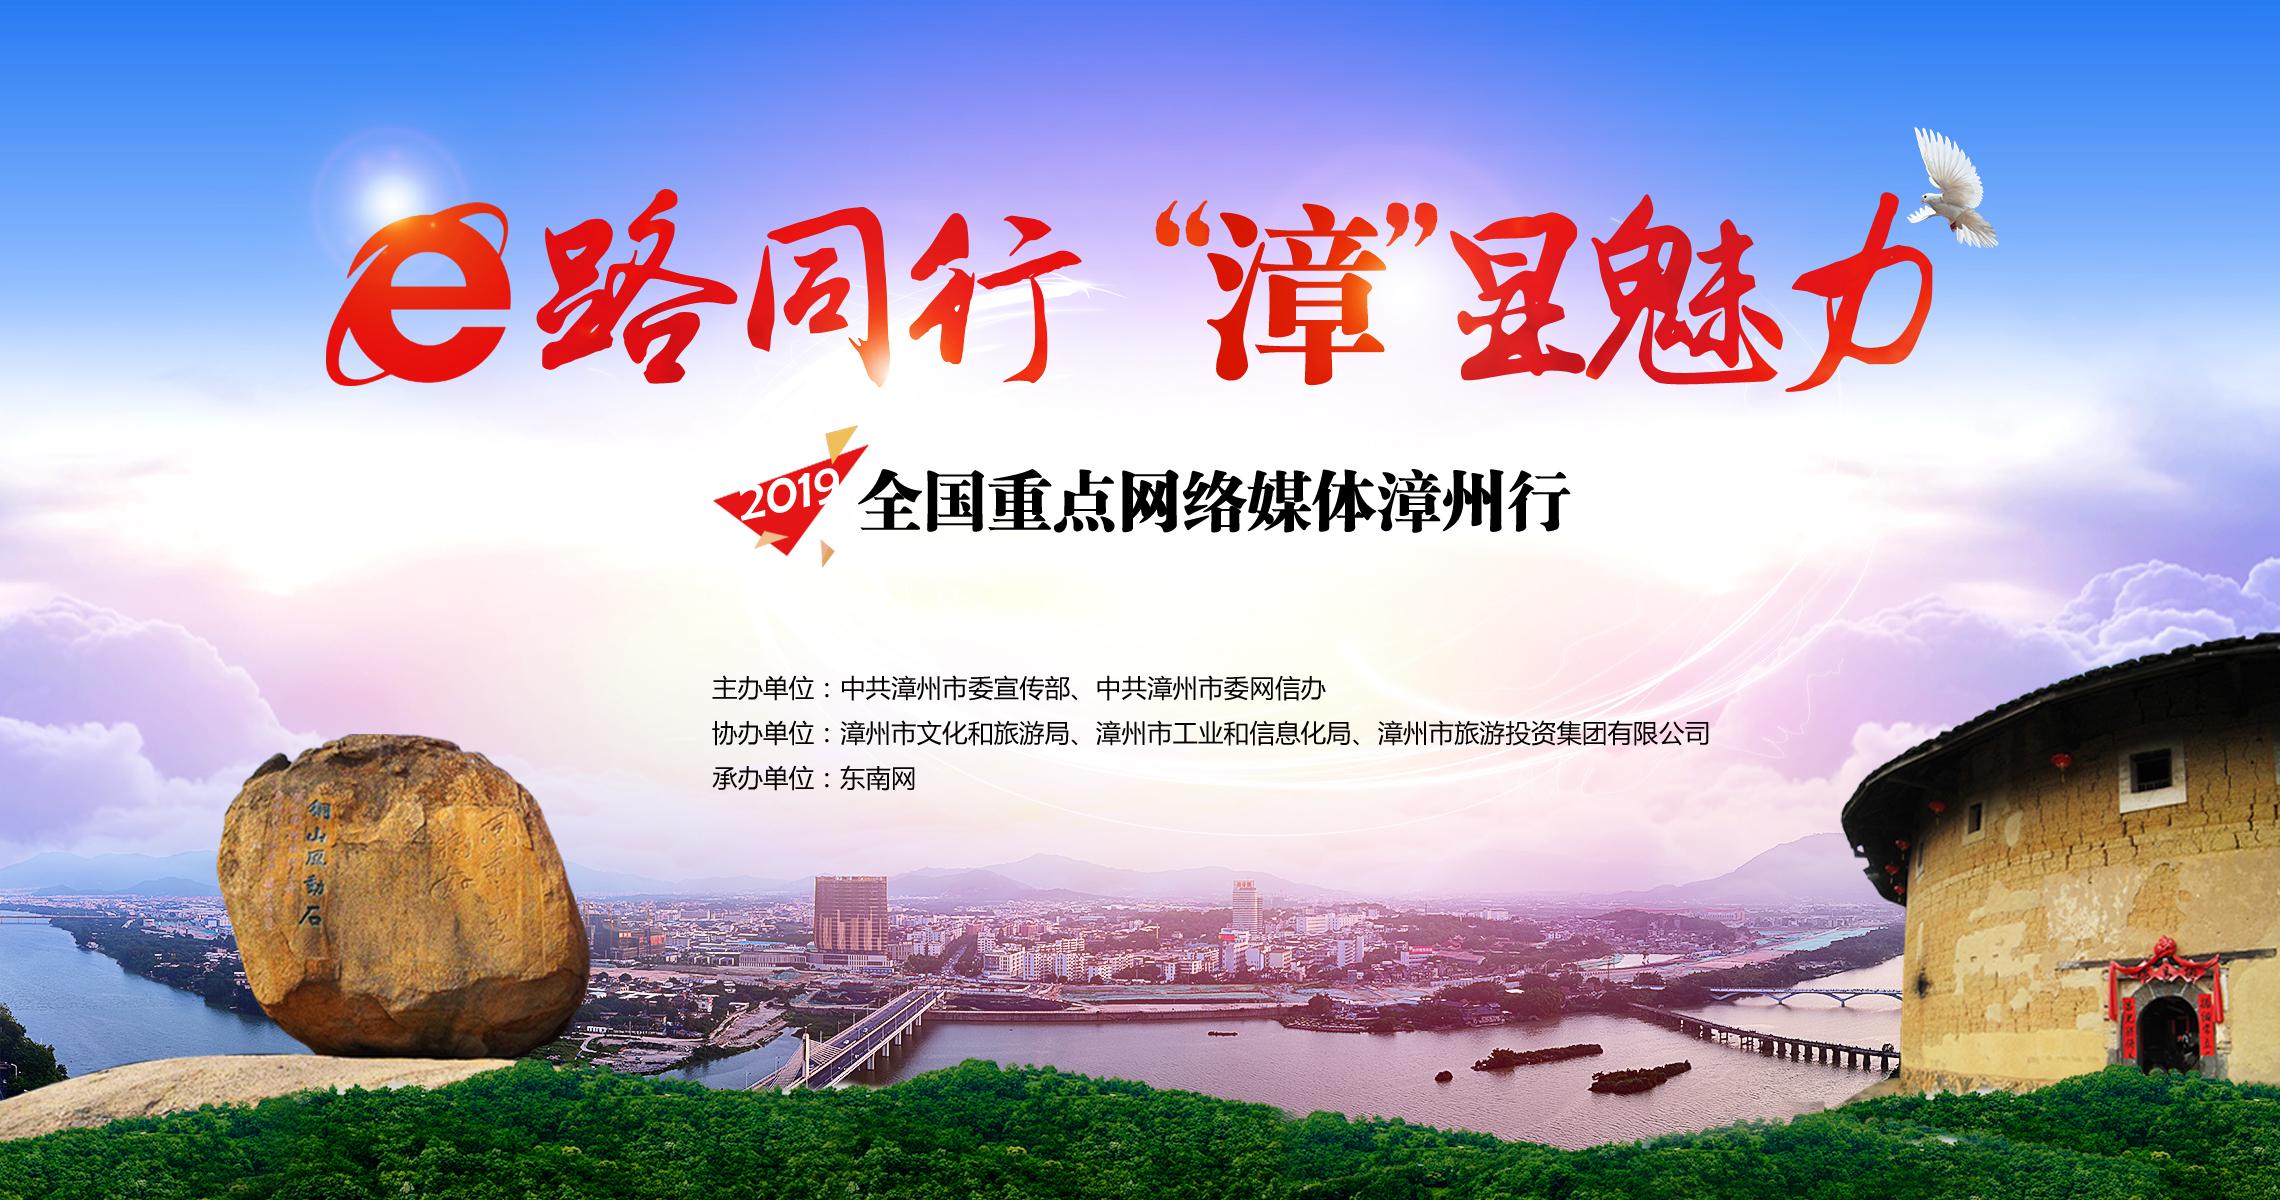 """<b>?""""E路同行'漳'显魅力""""2019全国重点网络媒体漳州行11月6日启动</b>"""